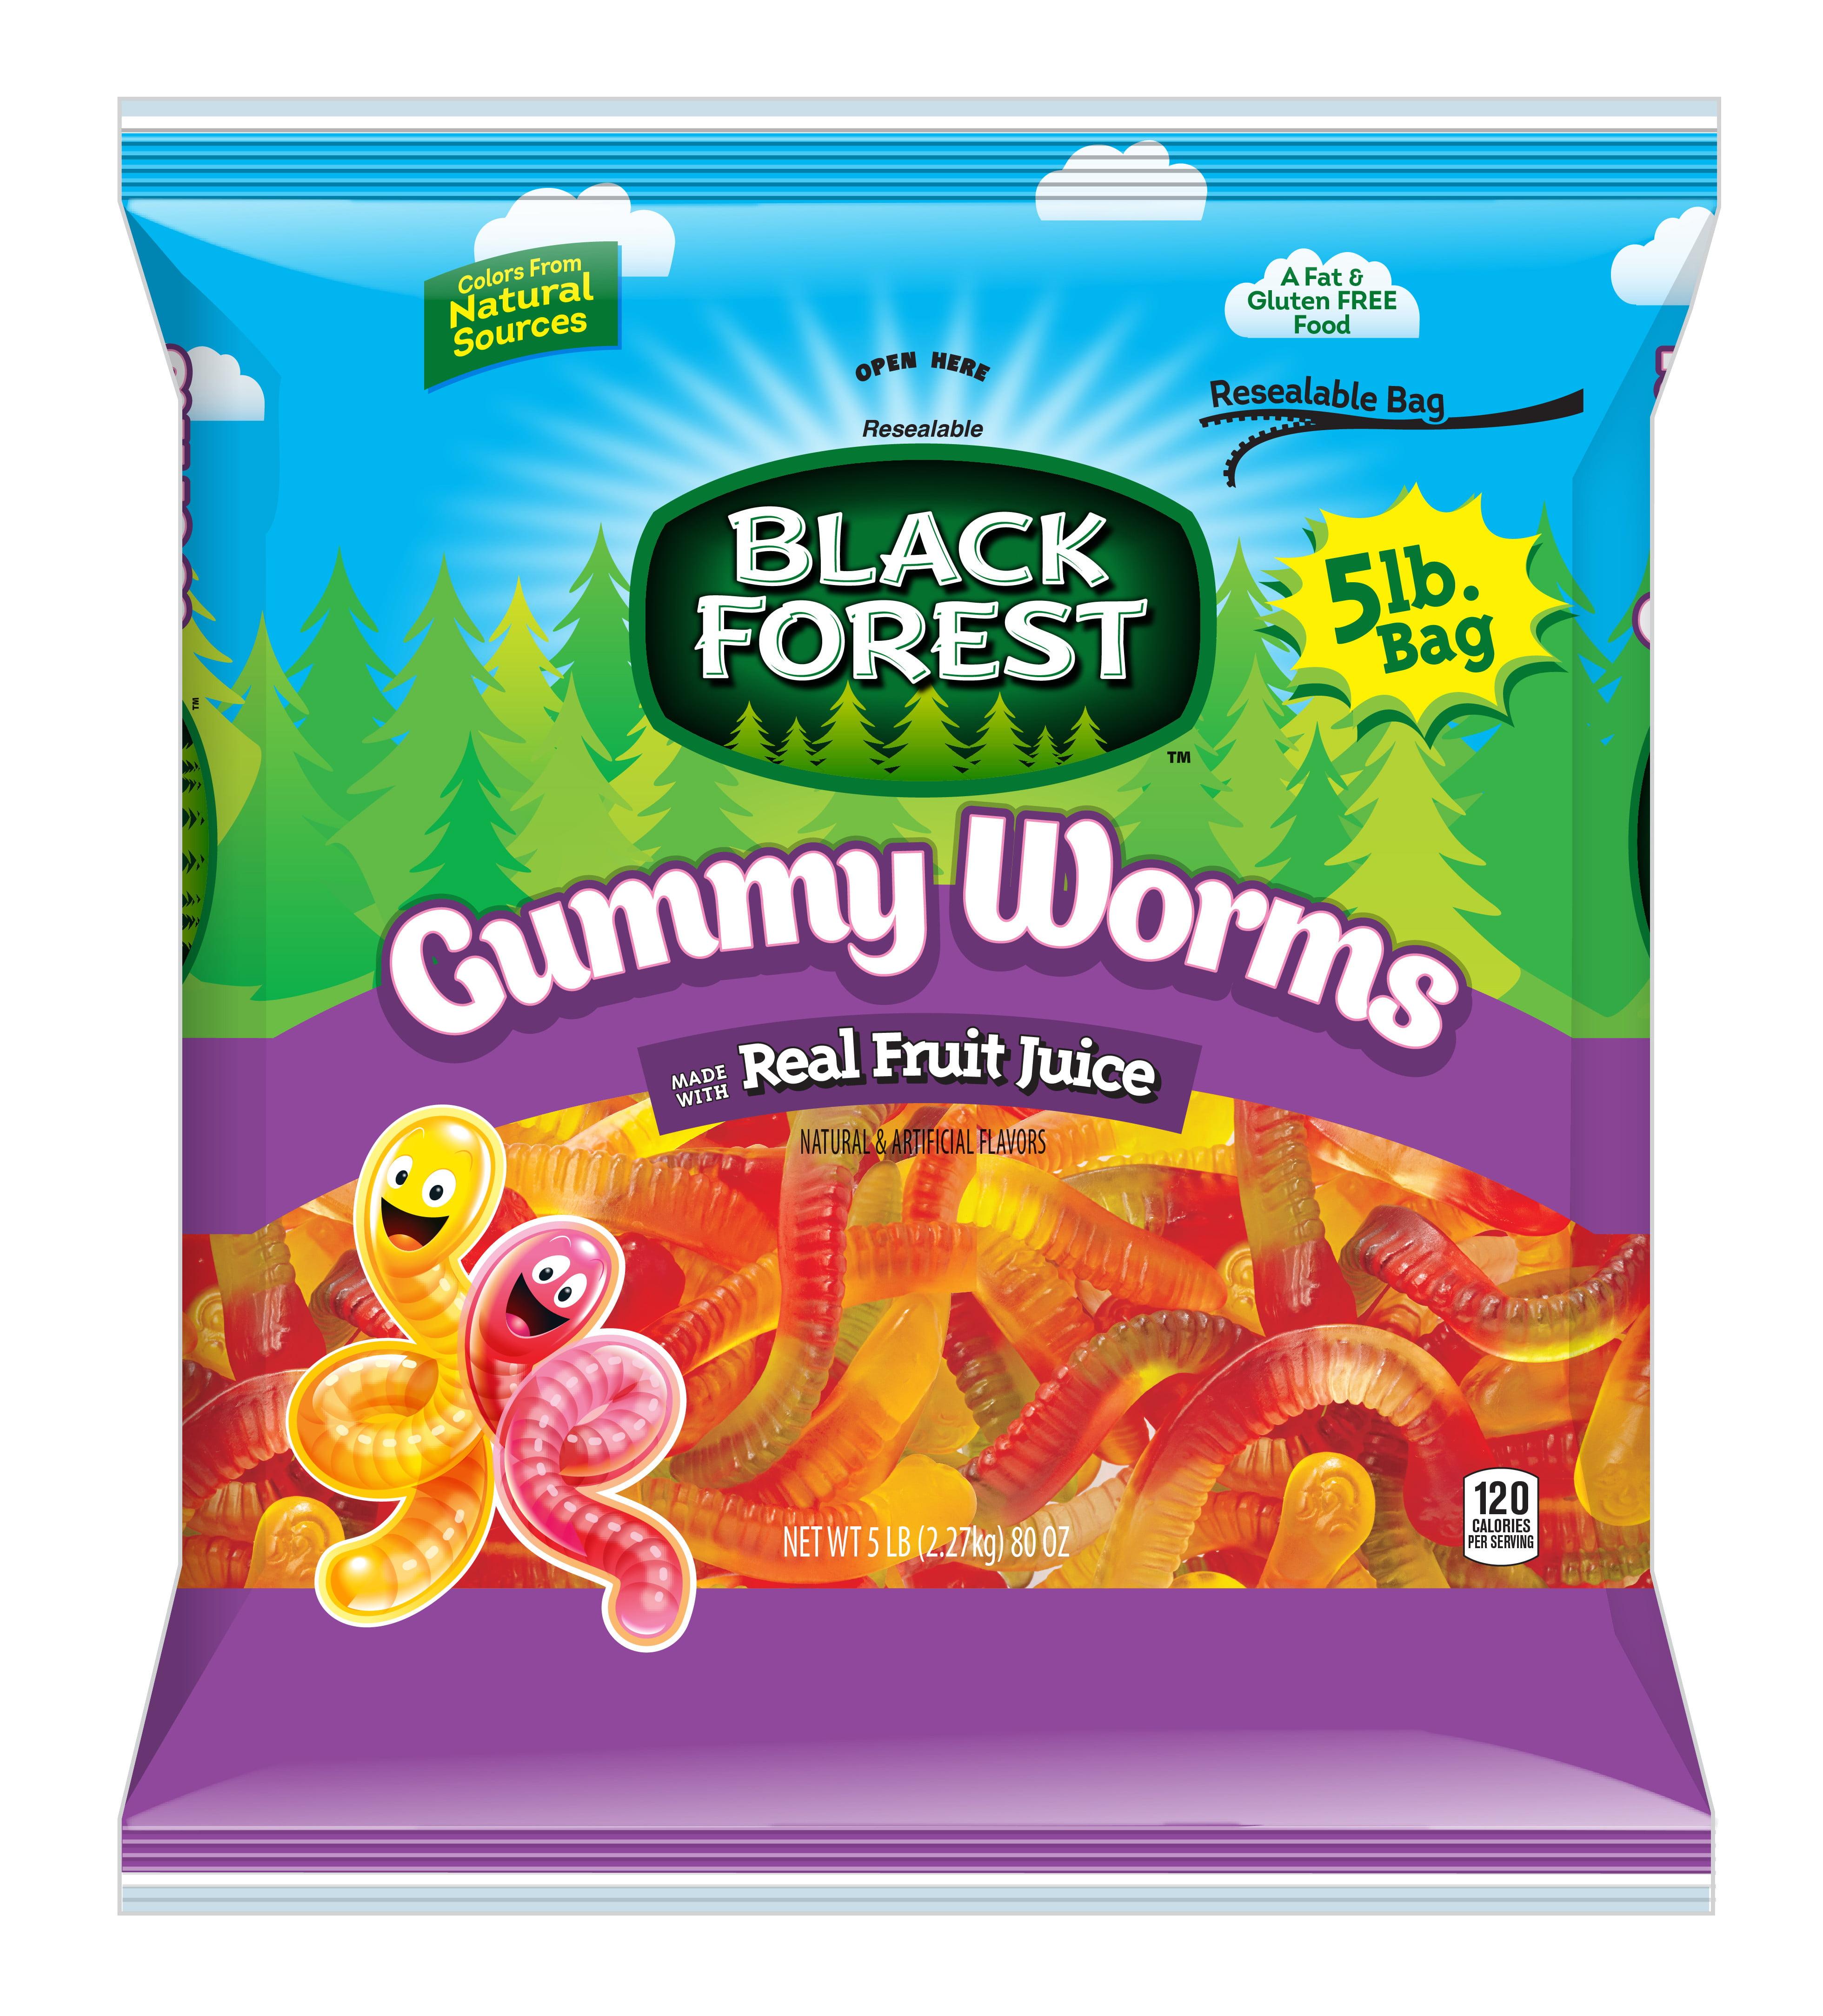 Ferrara Candy Company Black Forest Gummy Worms, 5 Lb